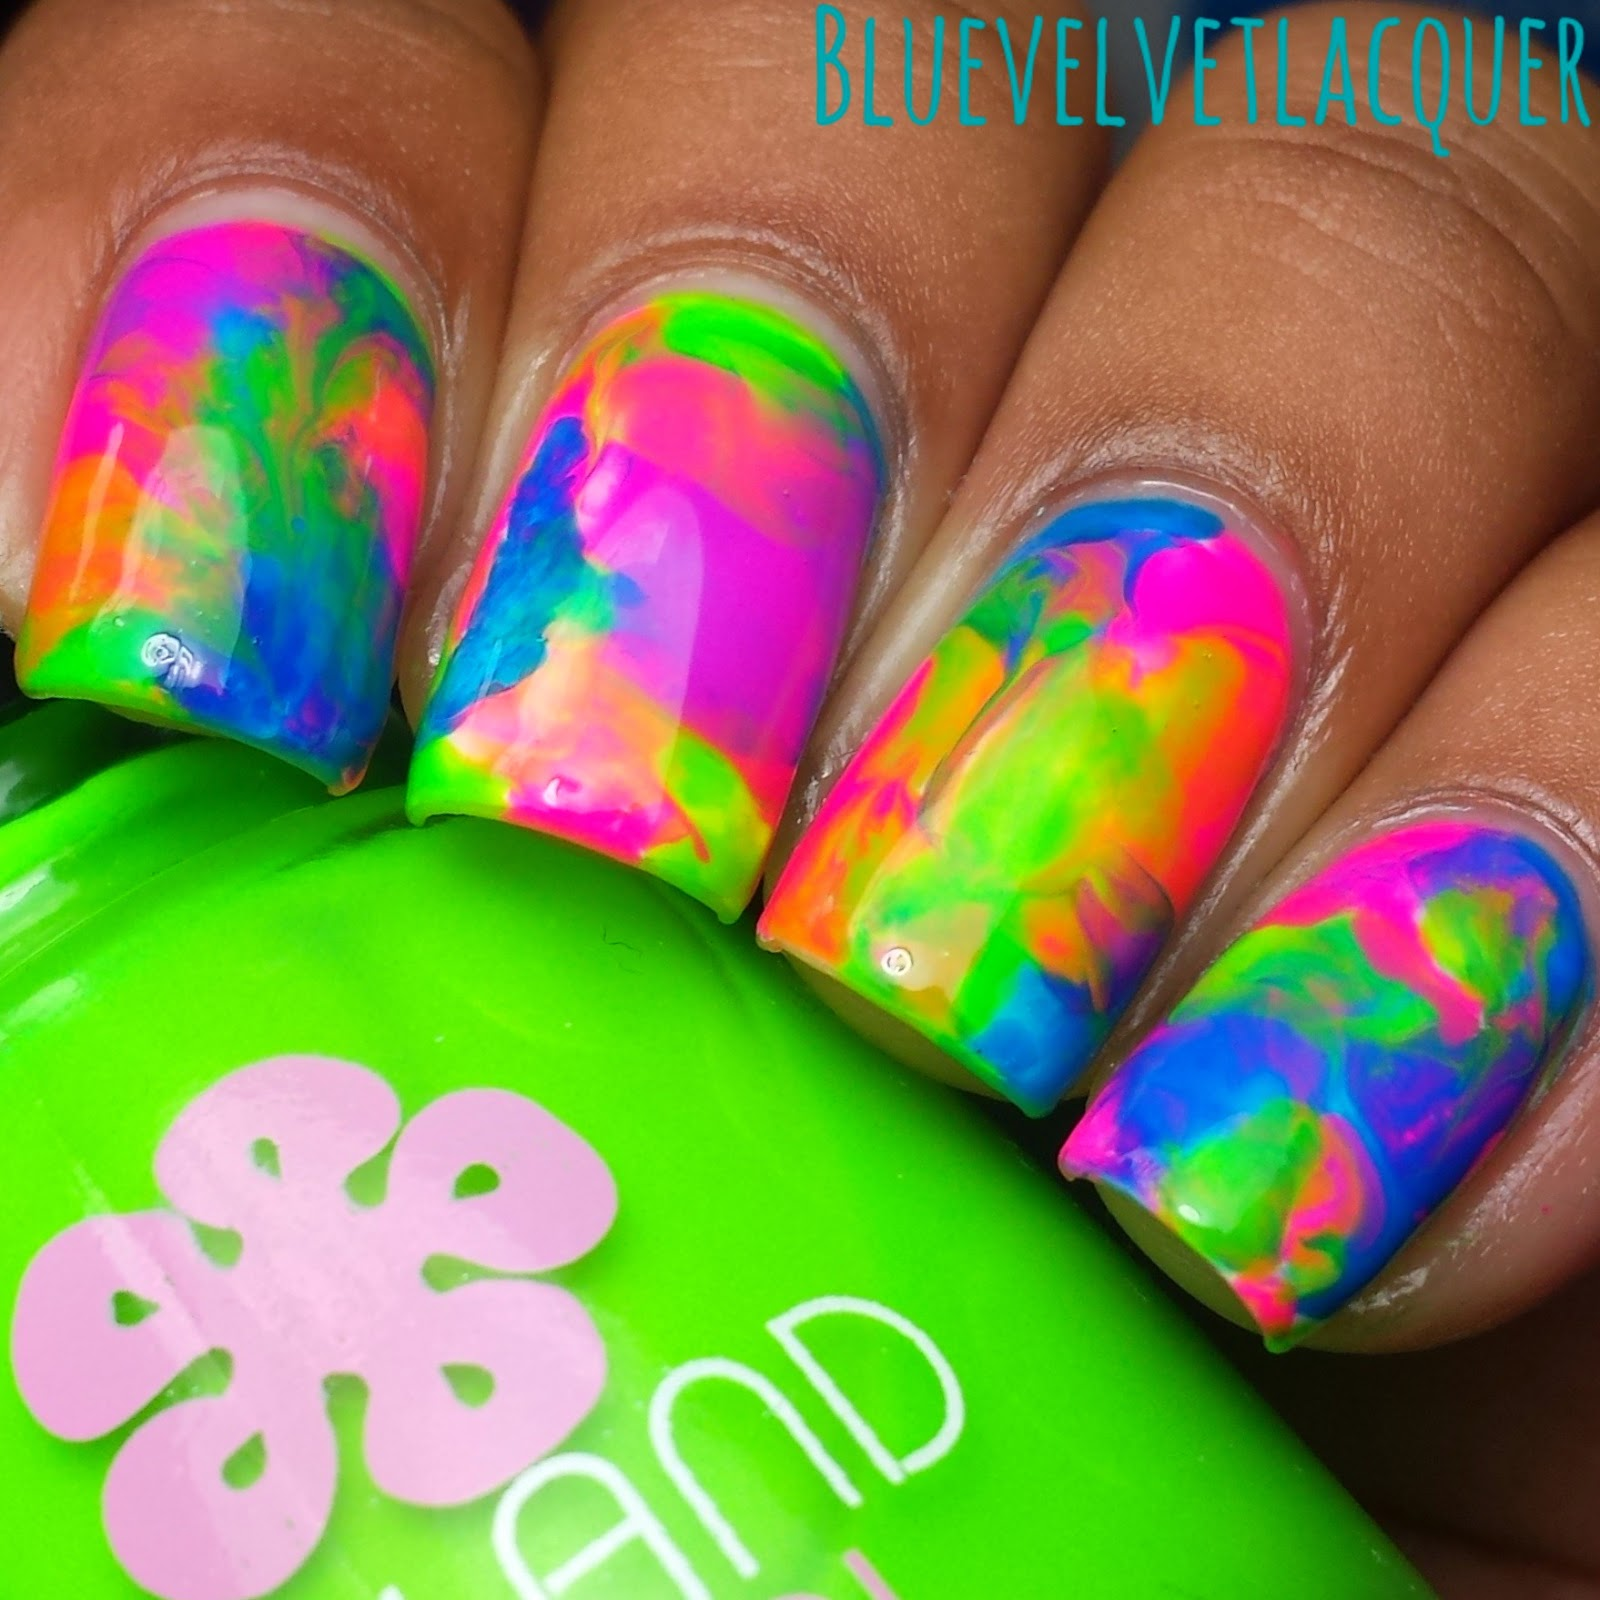 Blue Velvet Lacquer: Twinsie Tuesday: Summer Lovin\' - Neon Dry ...